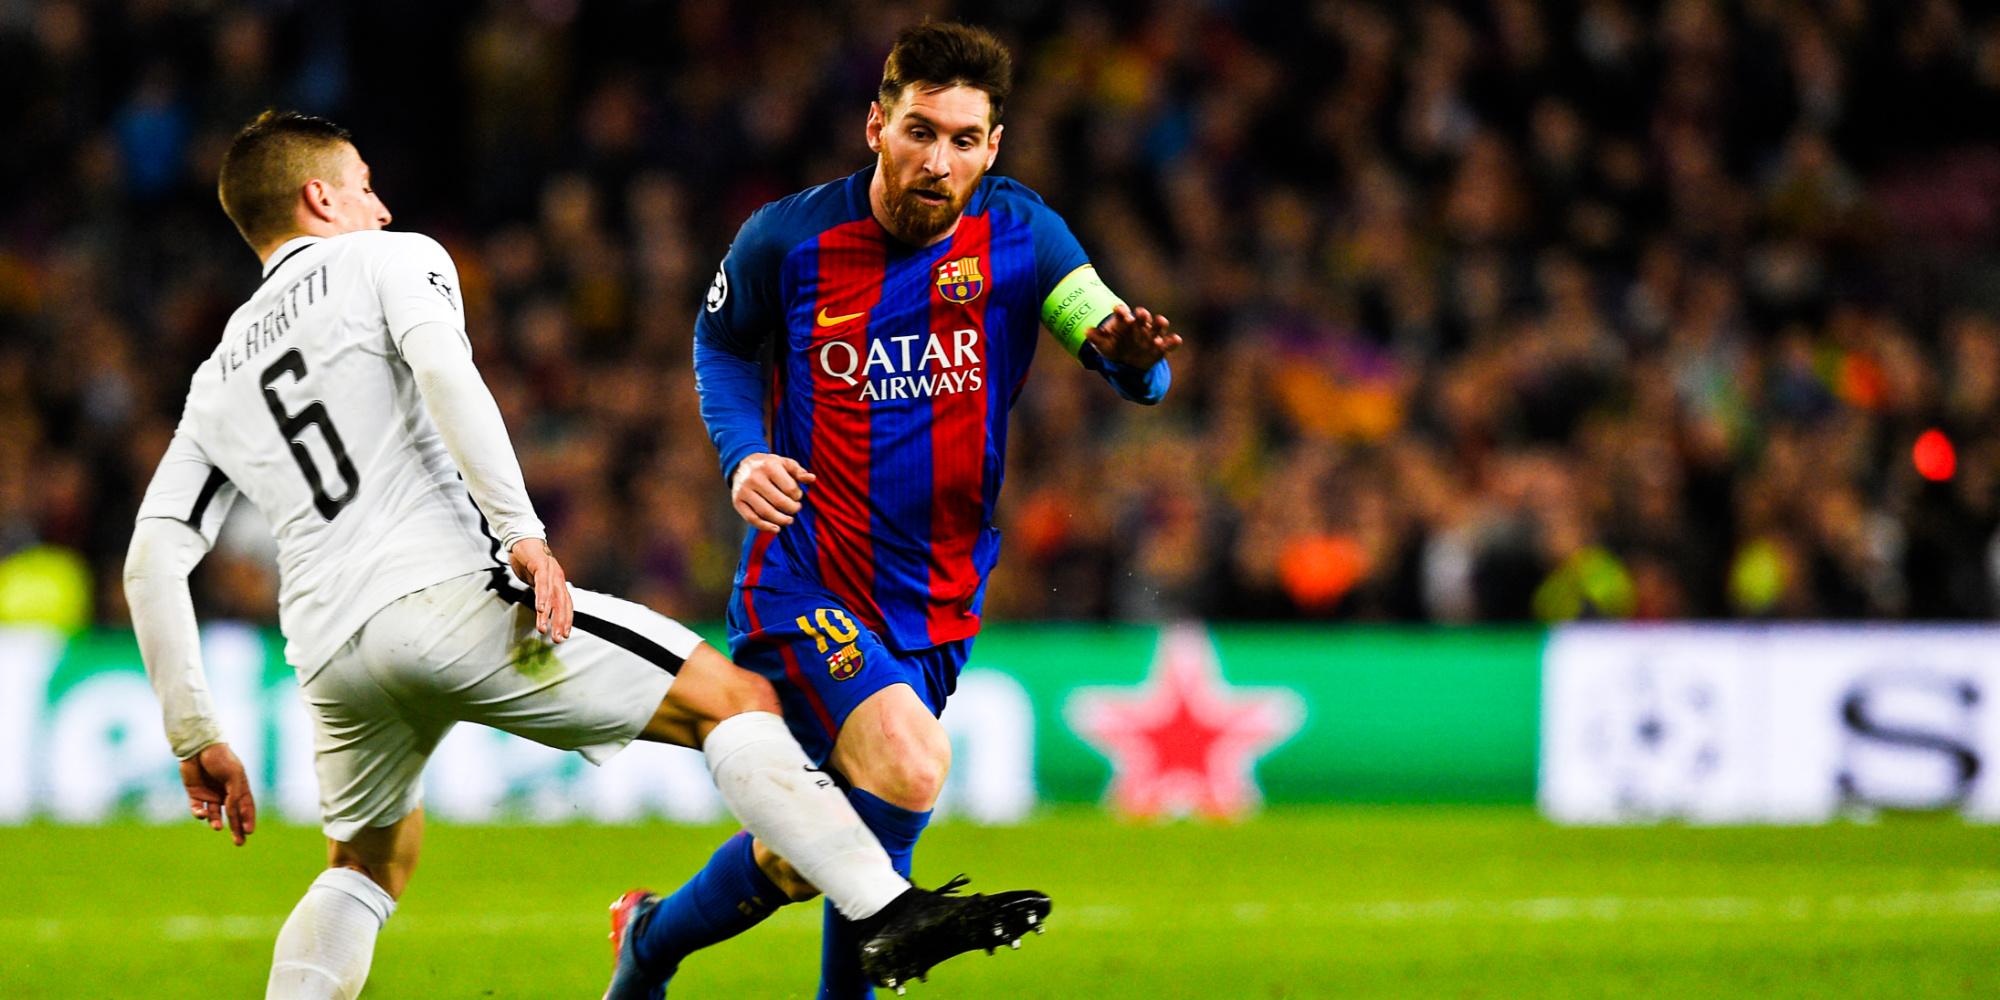 PSG-Barcelone: profitez du meilleur bon plan pour regarder le match de Ligue des Champions